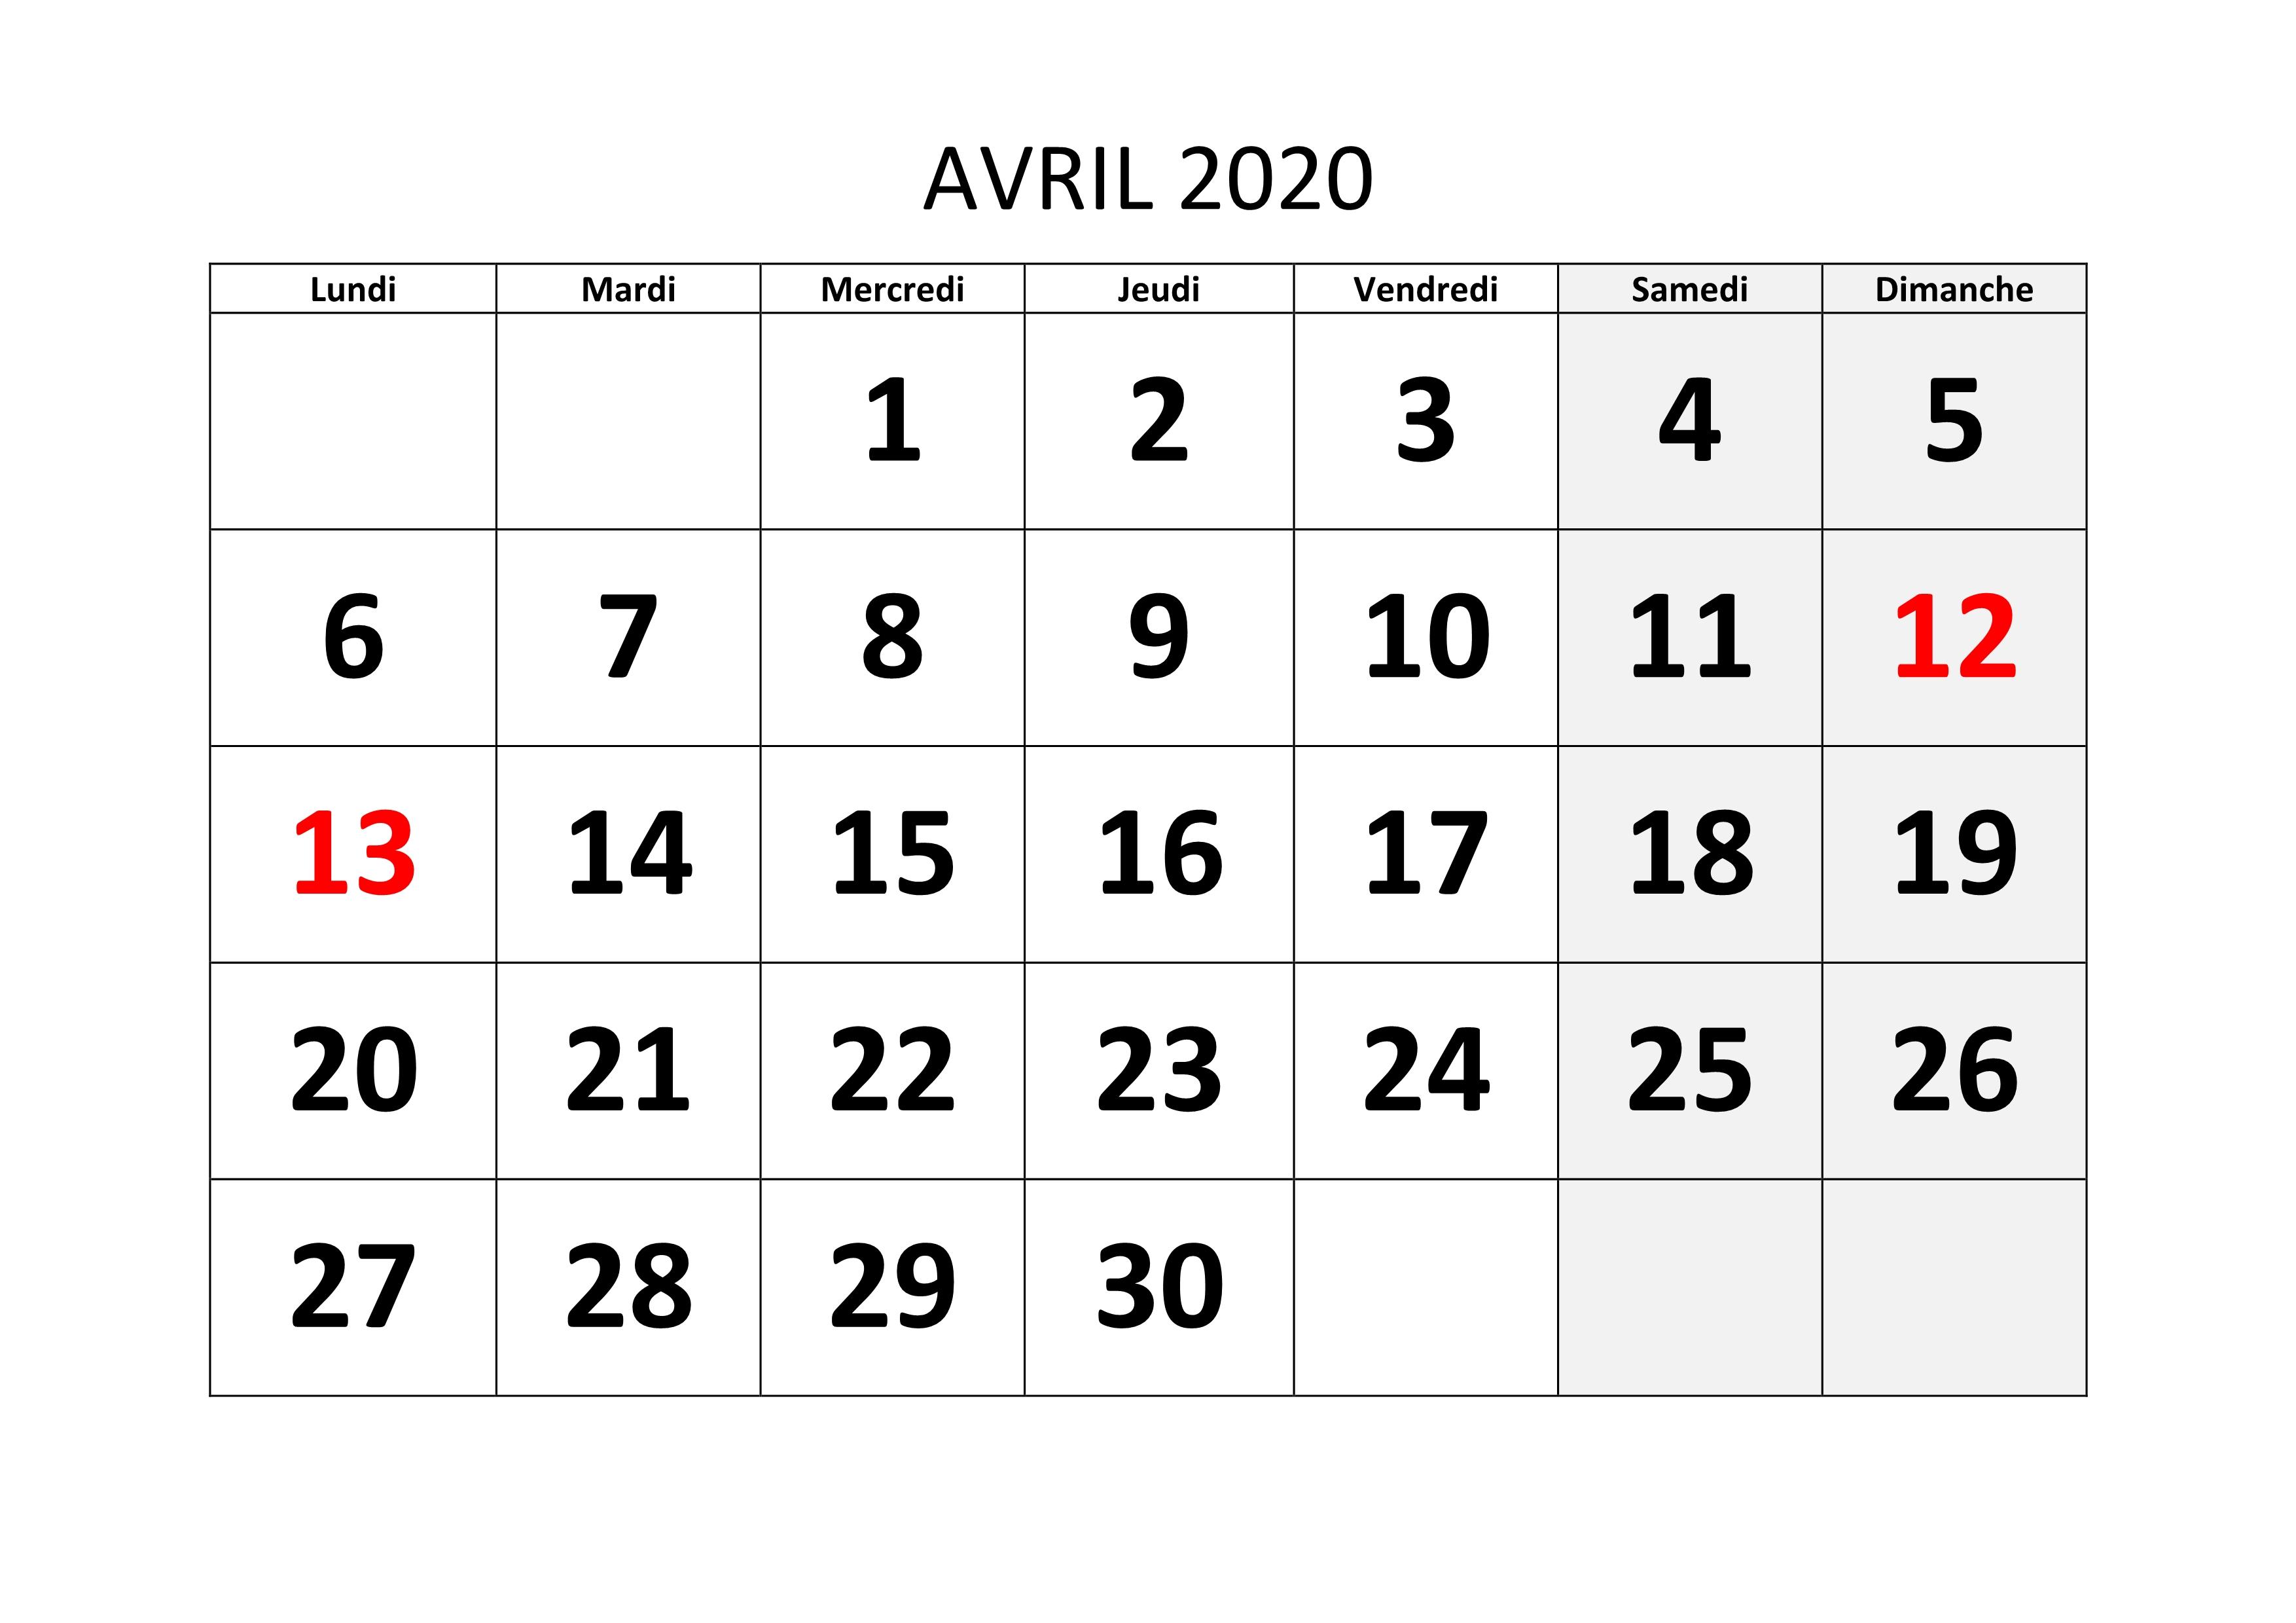 Calendrier 2020 Avril Modele